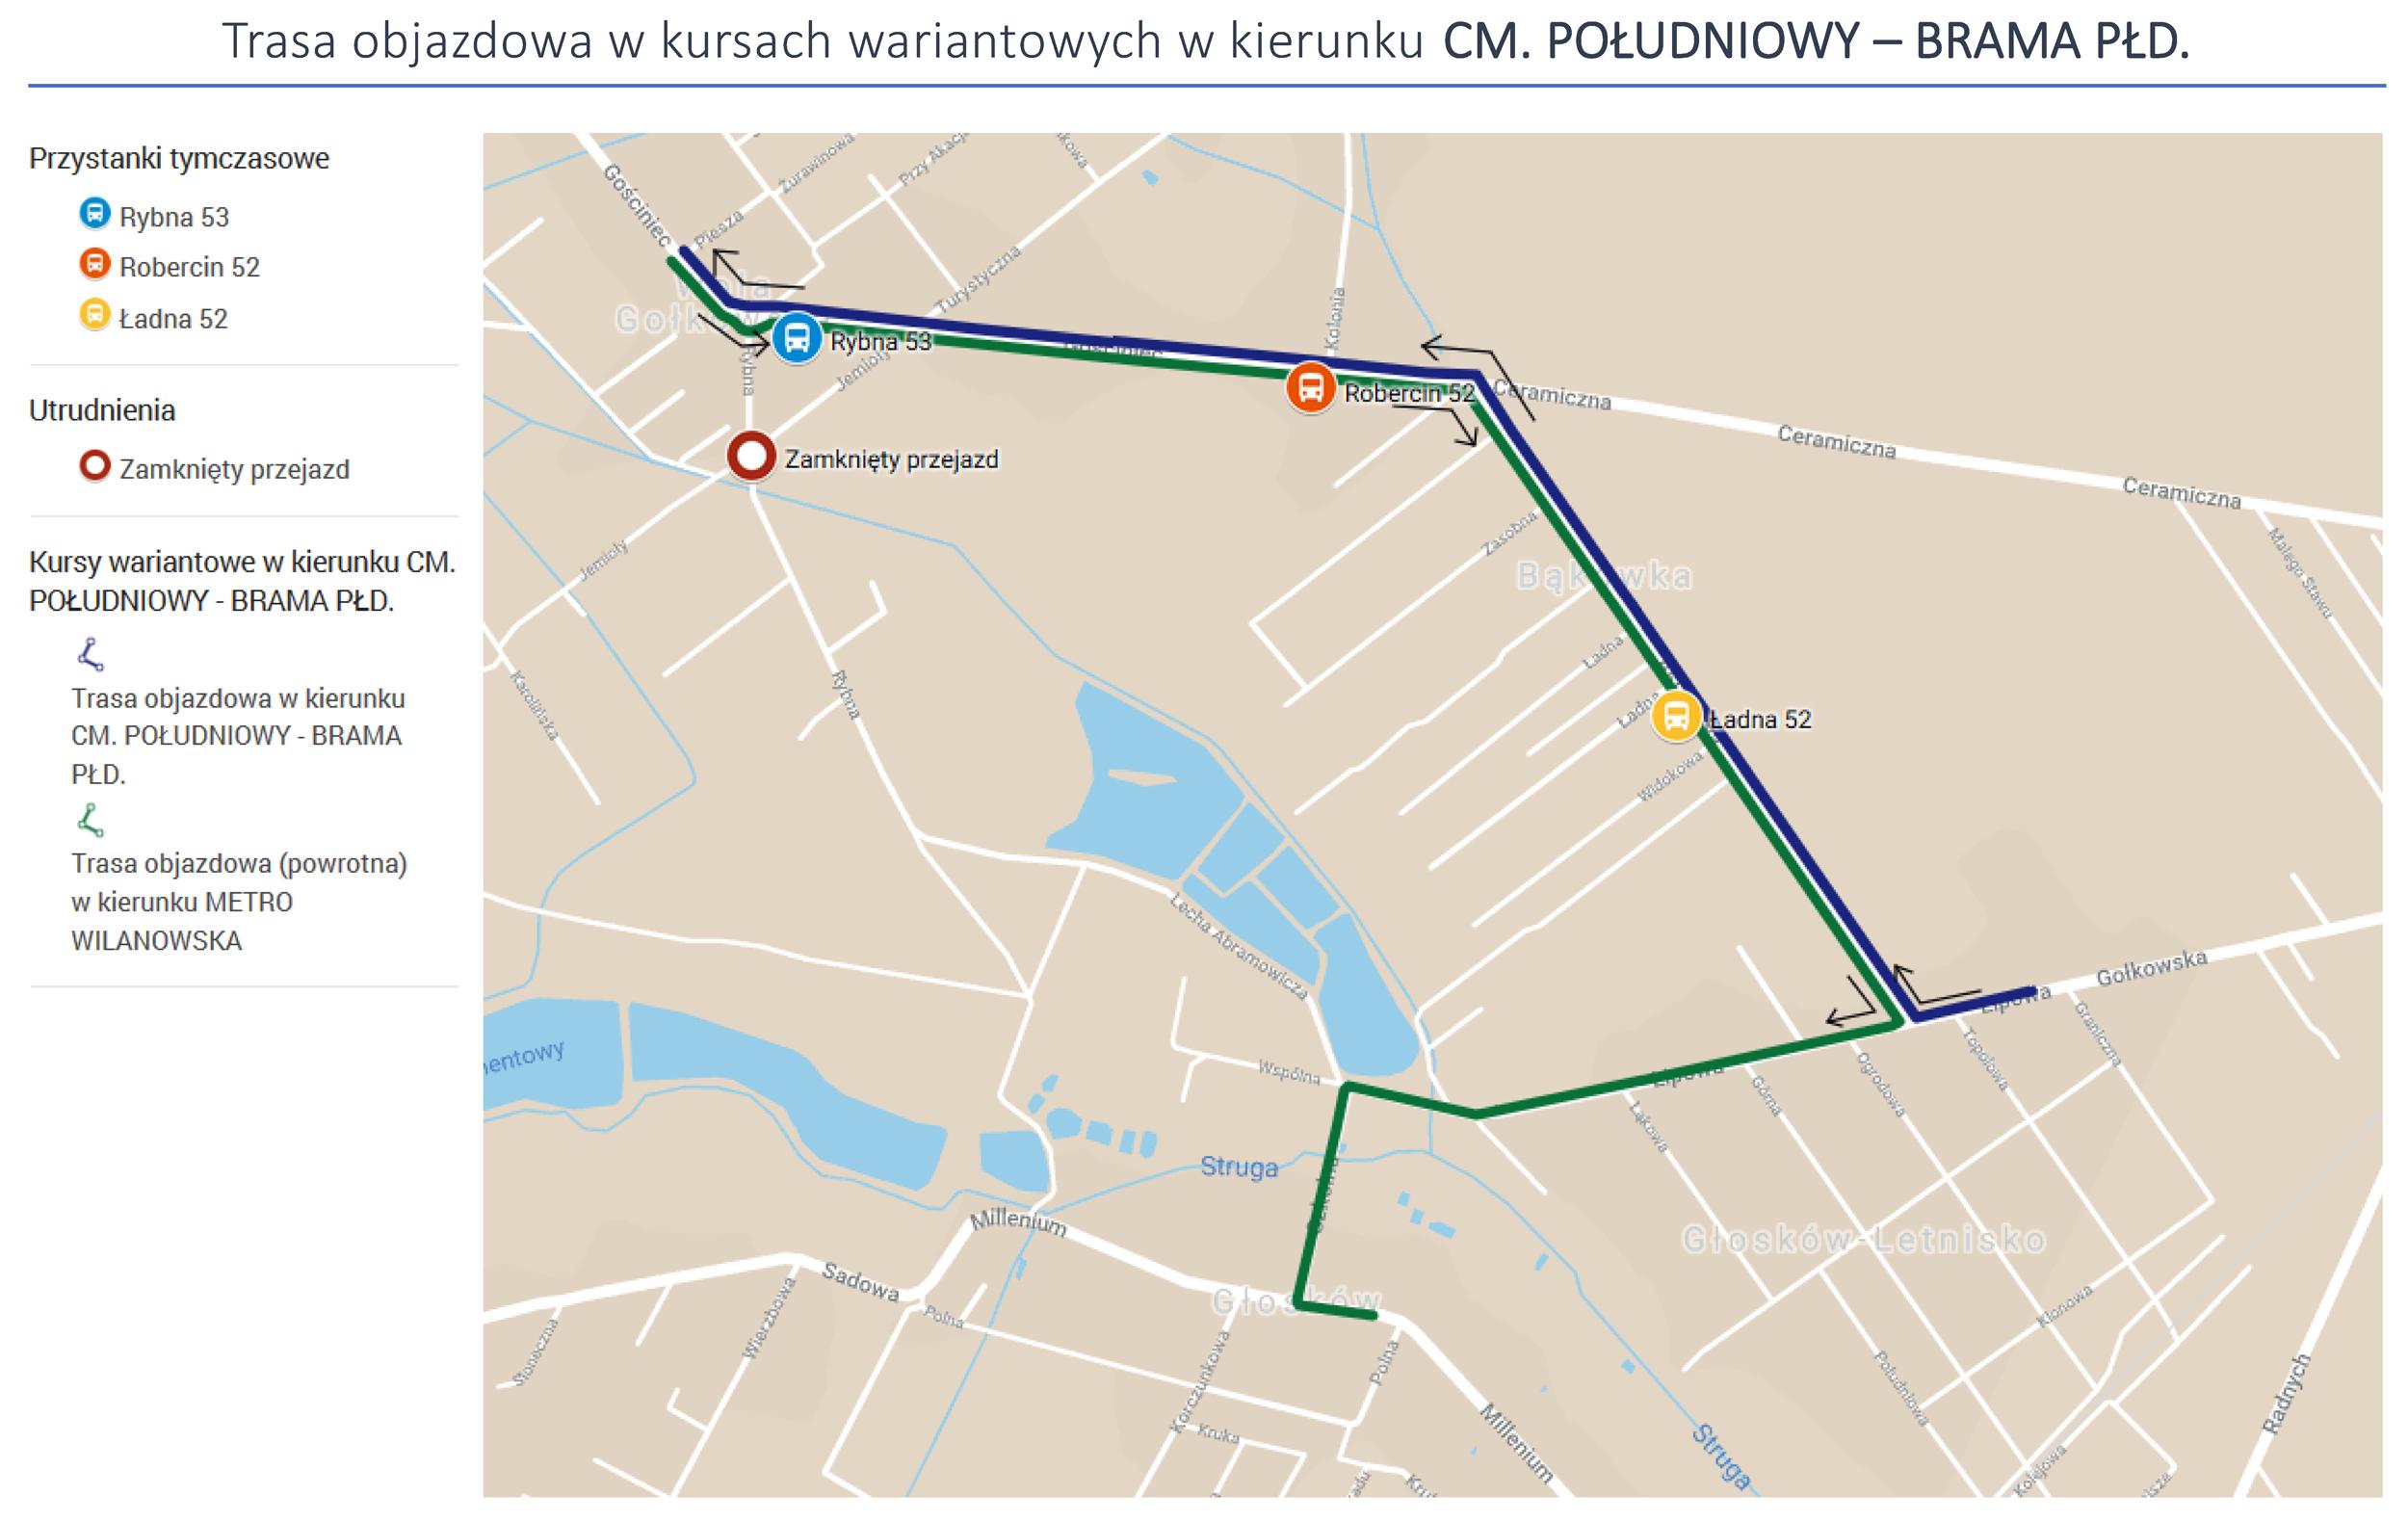 Trasa objazdowa w kursach wariantowych w kierunku CM. POŁUDNIOWY